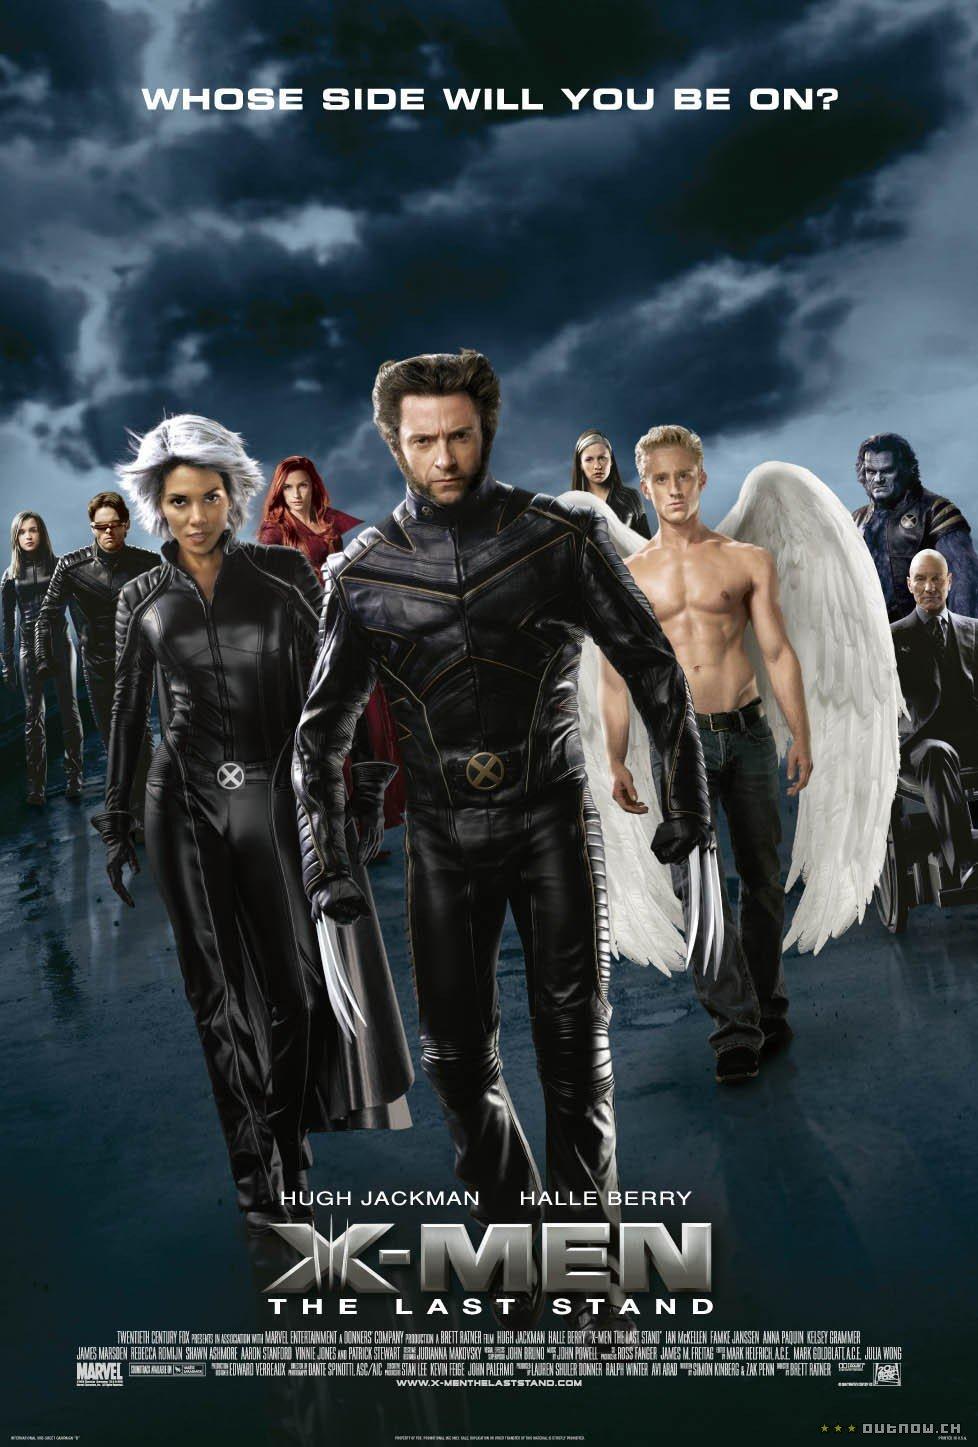 http://3.bp.blogspot.com/-a6hLGrTwpGA/UOWuvpiIm9I/AAAAAAAAM4Q/alpTUWfqg0s/s1600/X+Men+The+Last+Stand+POSTER.jpg